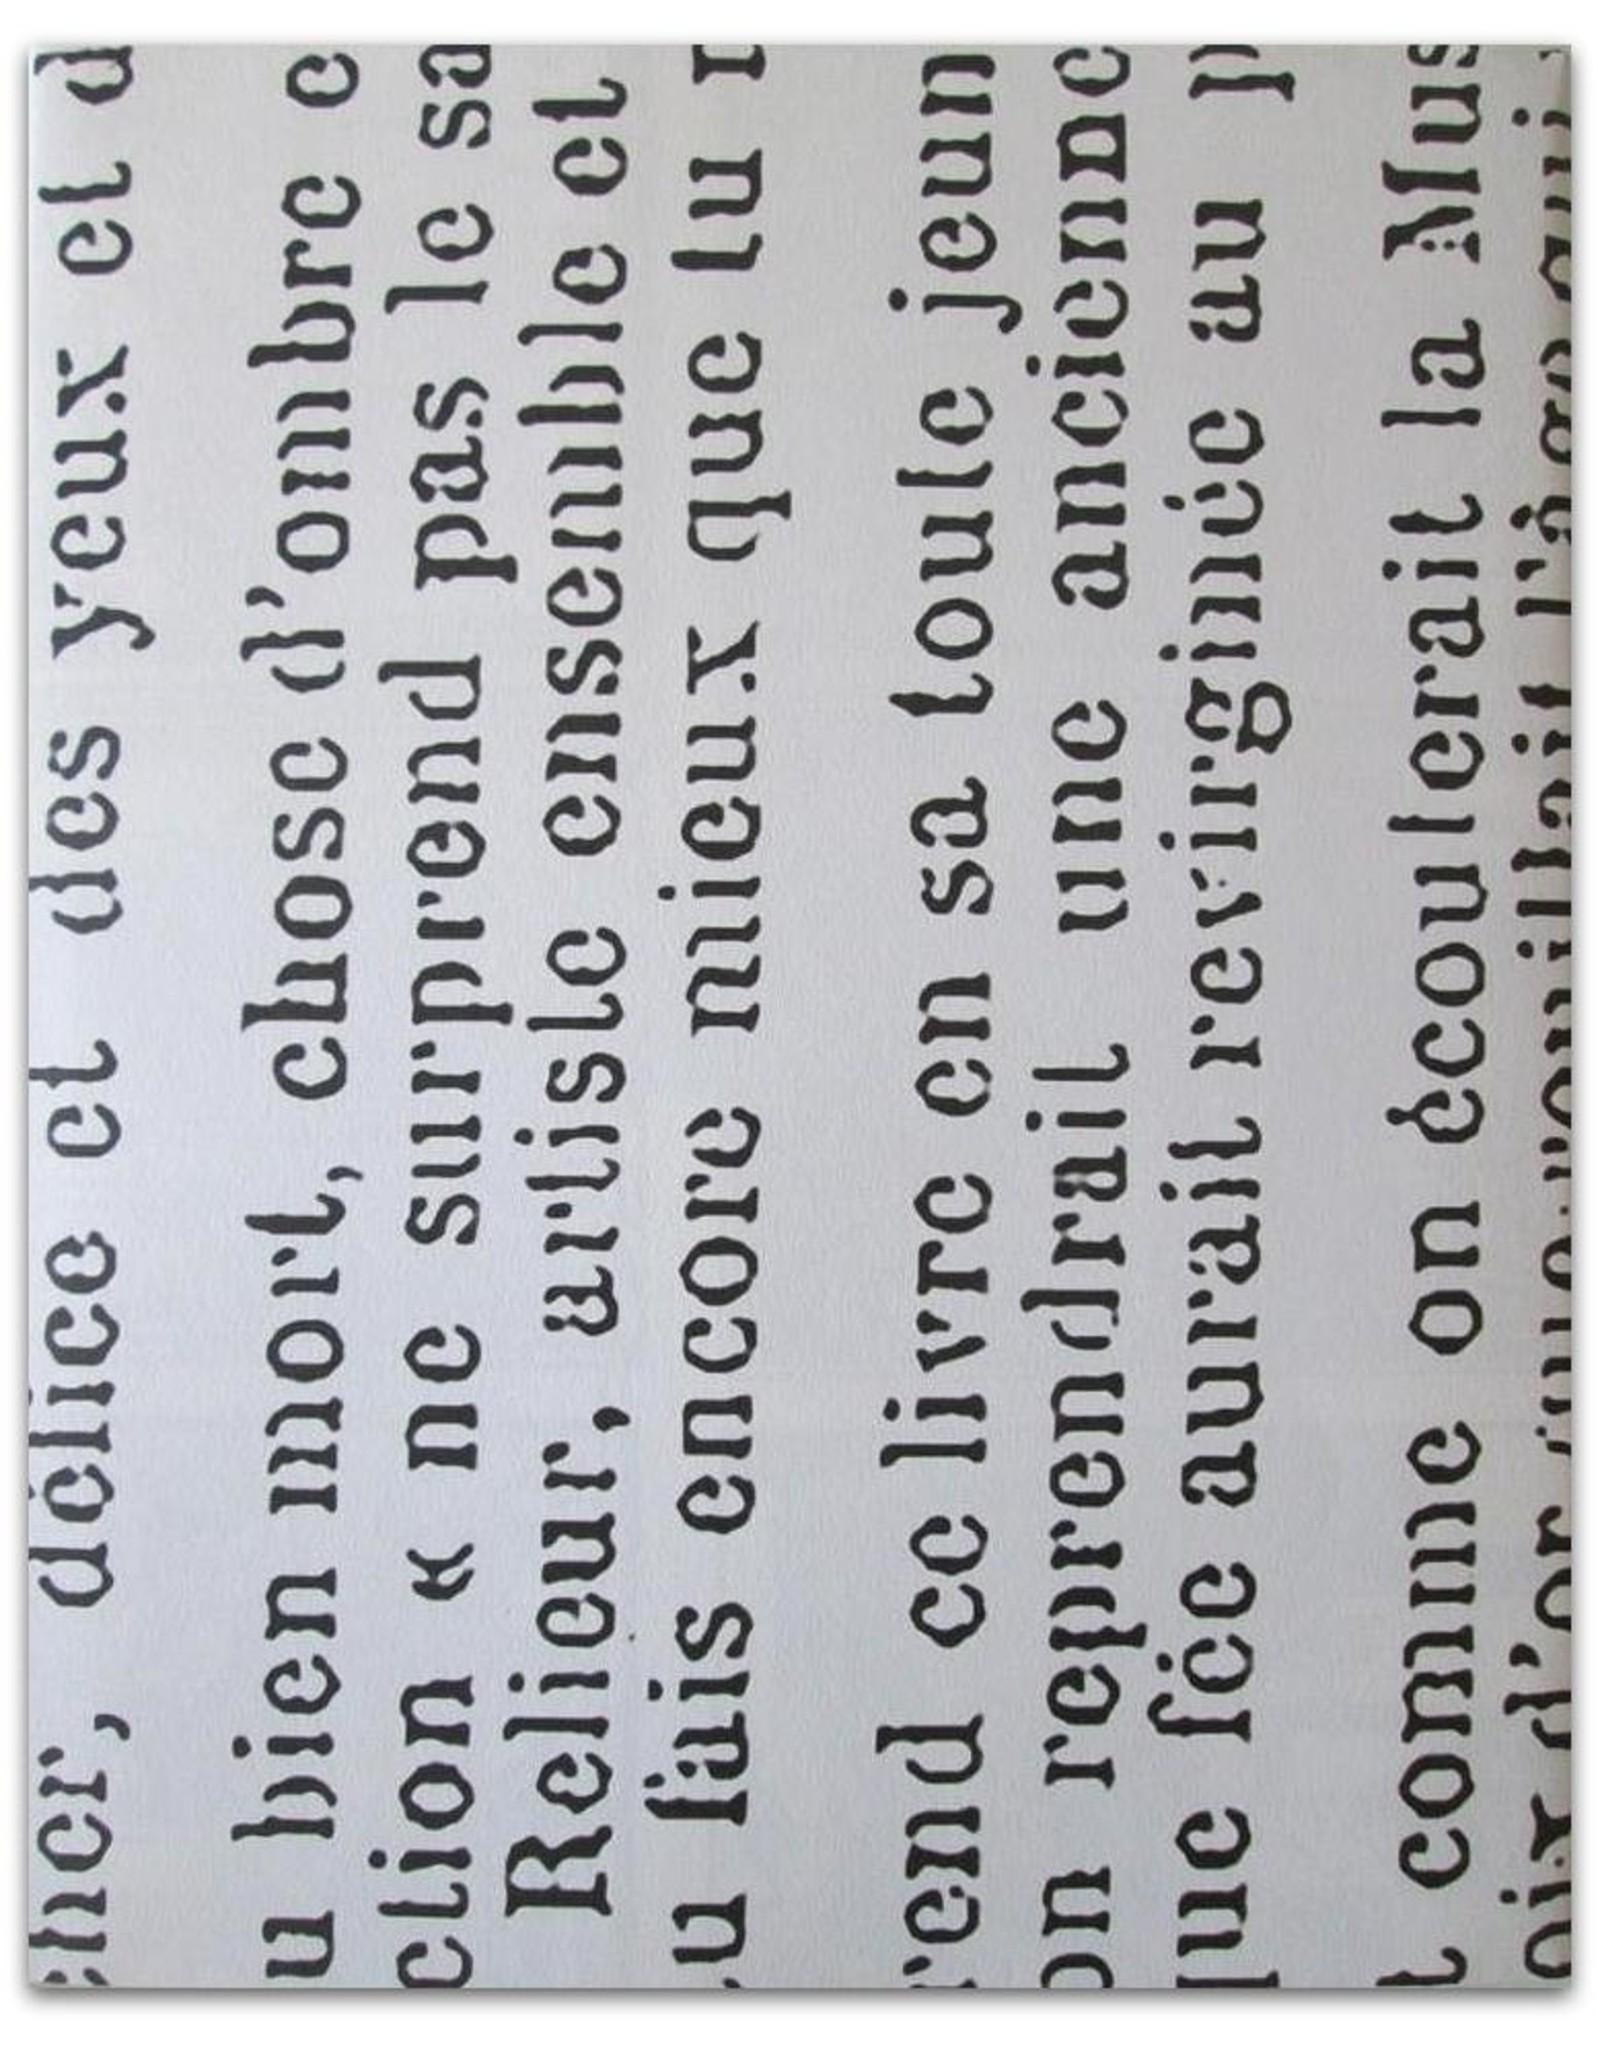 Paul Verlaine - Biblio-sonnetten / Biblio-sonnets. Vertaald door Martin Hulsenboom. Houtsneden van Richard Ranft